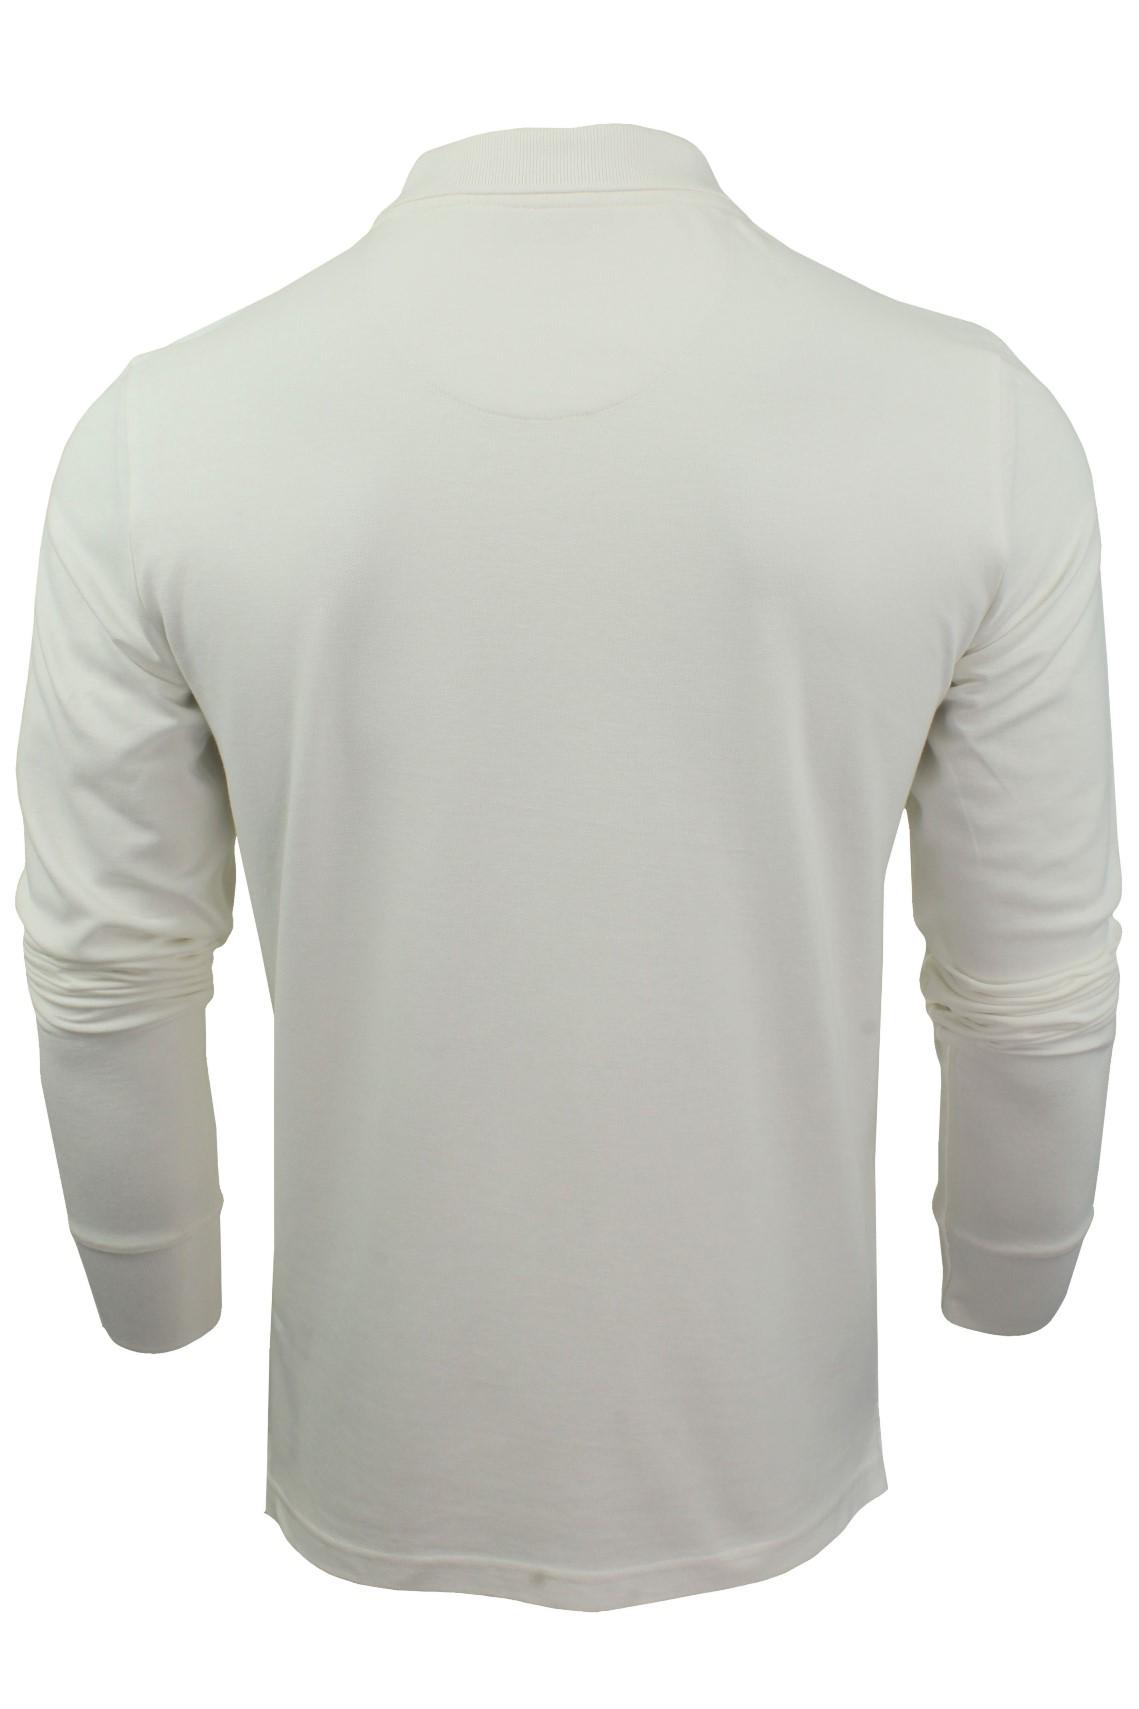 Camiseta-Polo-Para-Hombre-Por-Xact-pique-de-manga-larga miniatura 9